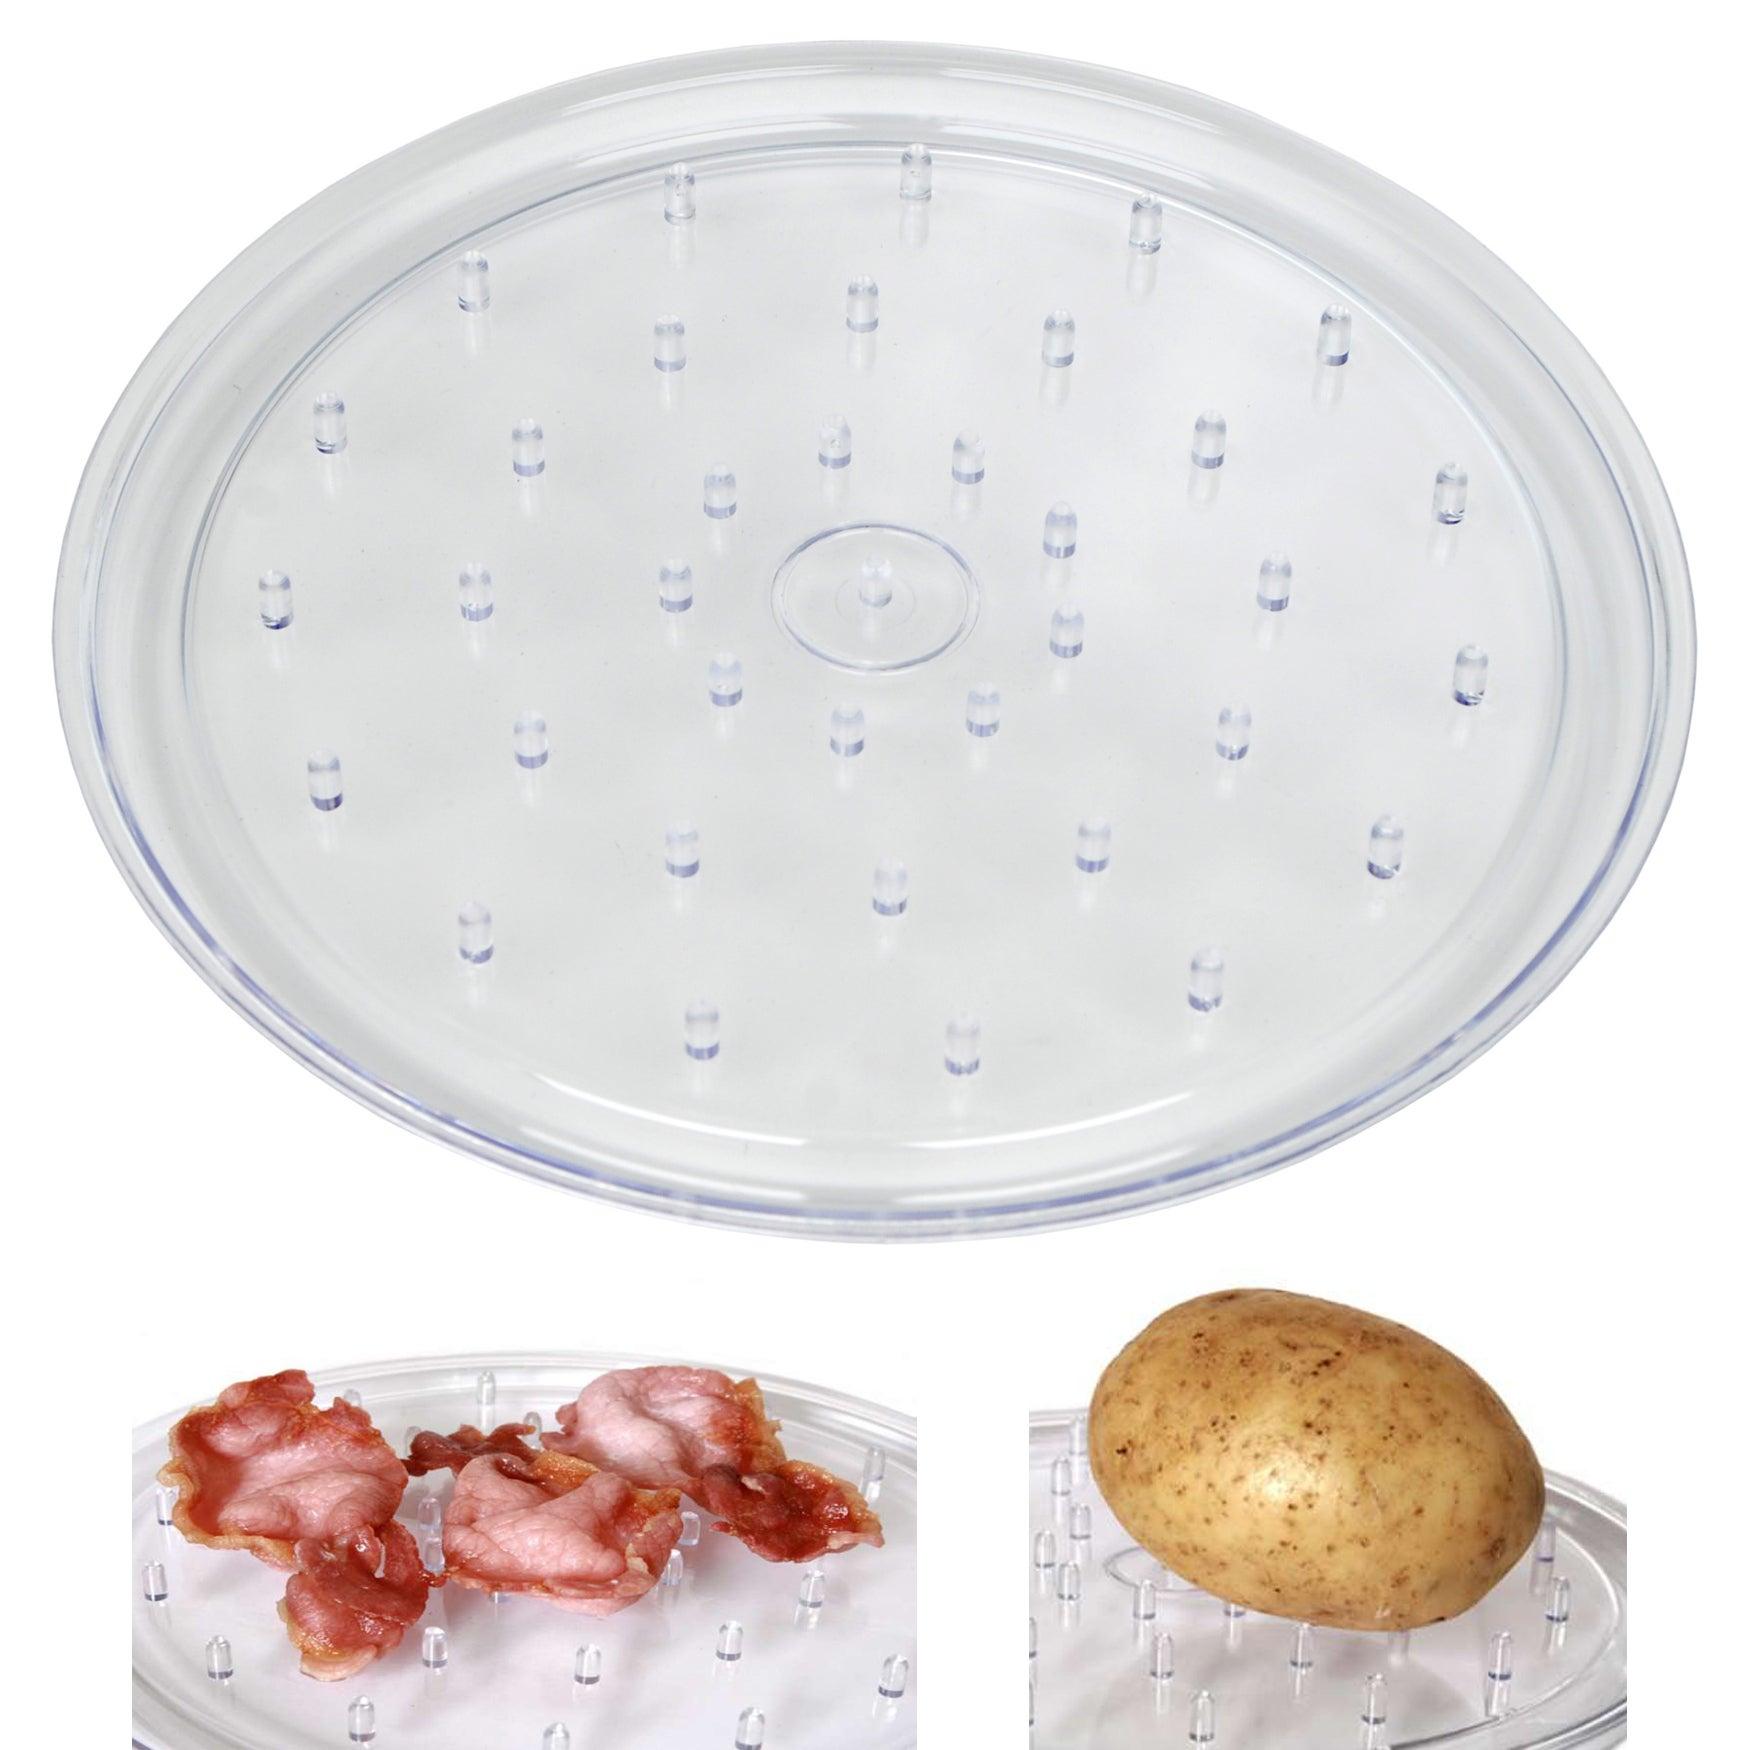 Dexam Multi Purpose Microwave Tray